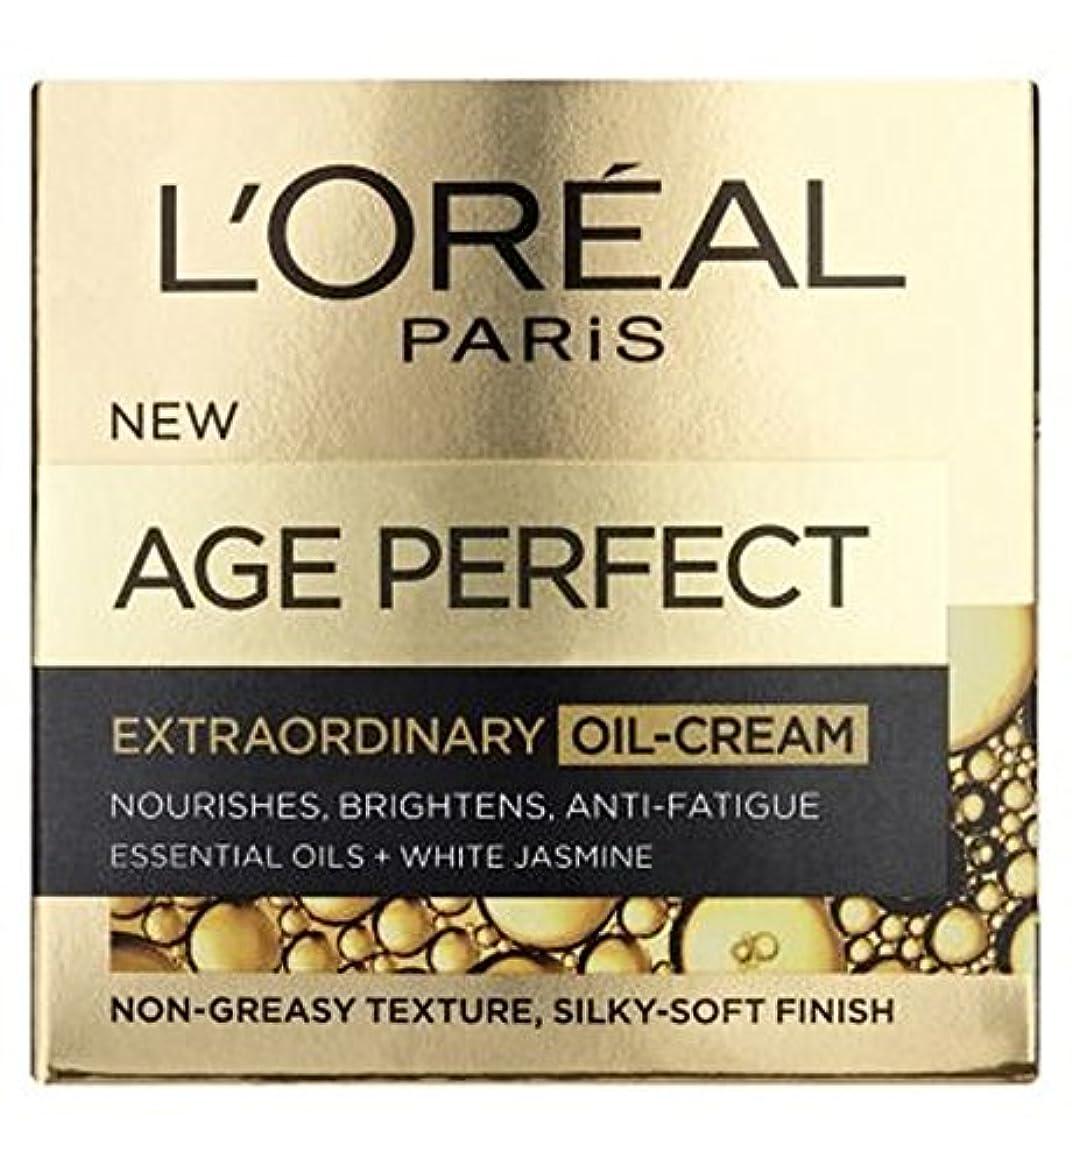 予感混乱合理化L'Oreal Paris Extraordinary Oil Cream - ロレアルパリ臨時油クリーム (L'Oreal) [並行輸入品]